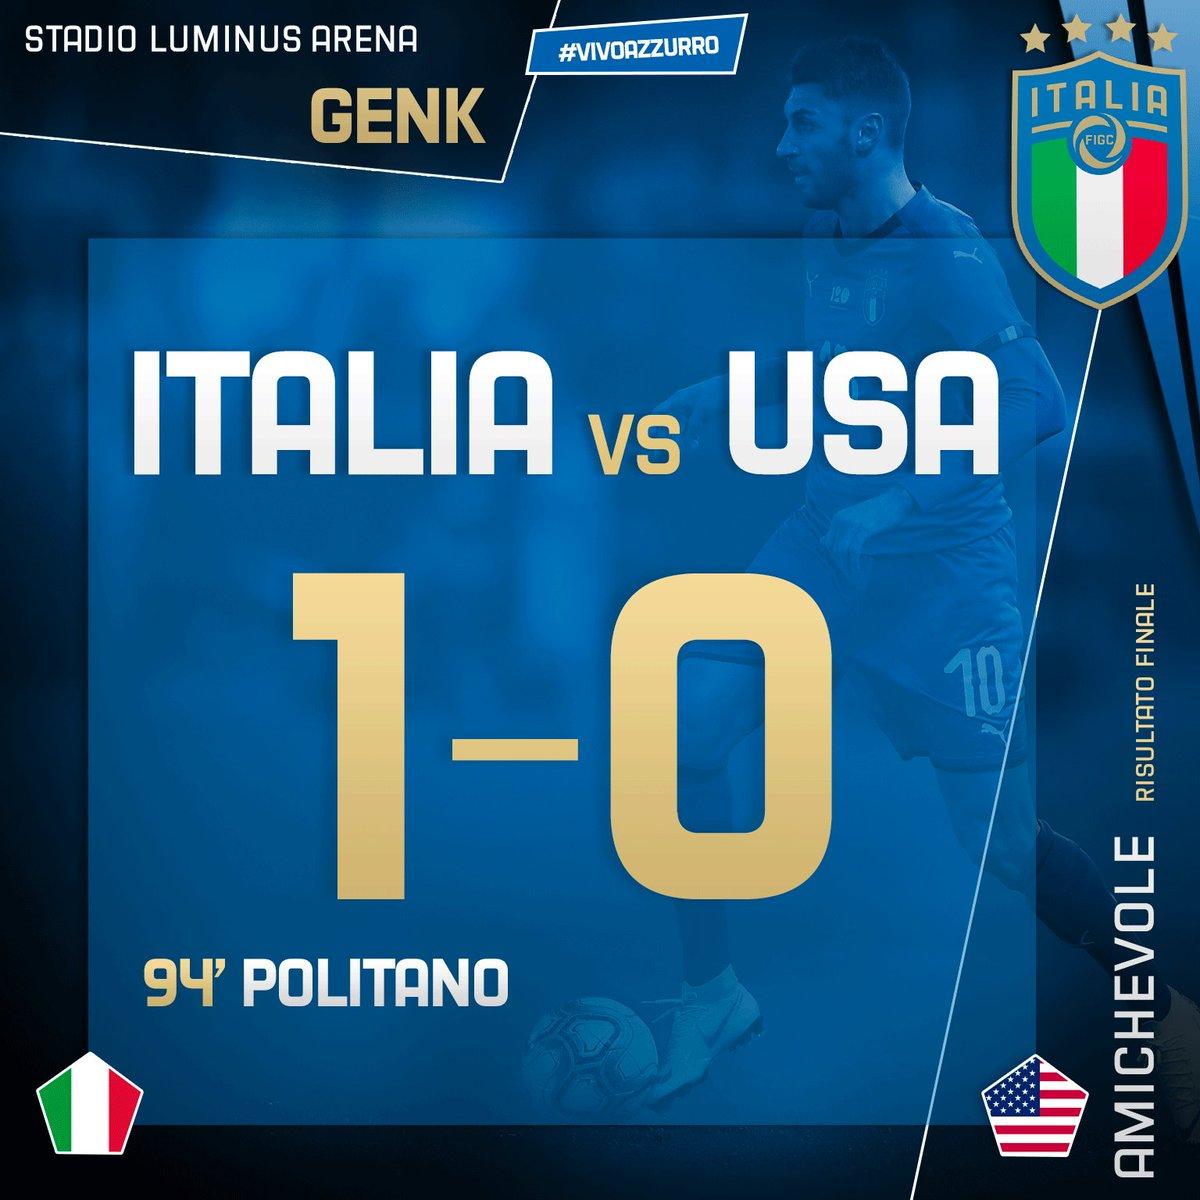 ⏱ RISULTATO FINALE 🇮🇹🇺🇸 #ItaliaUSA 1️⃣-0️⃣  Gli #Azzurri dominano l'incontro e passano nel finale con #Politano ⚽️ . #Mancini fa esordire #Grifo e #Kean.  🏟 #LuminusArena - #Genk  #ITAUSA #Nazionale #VivoAzzurro